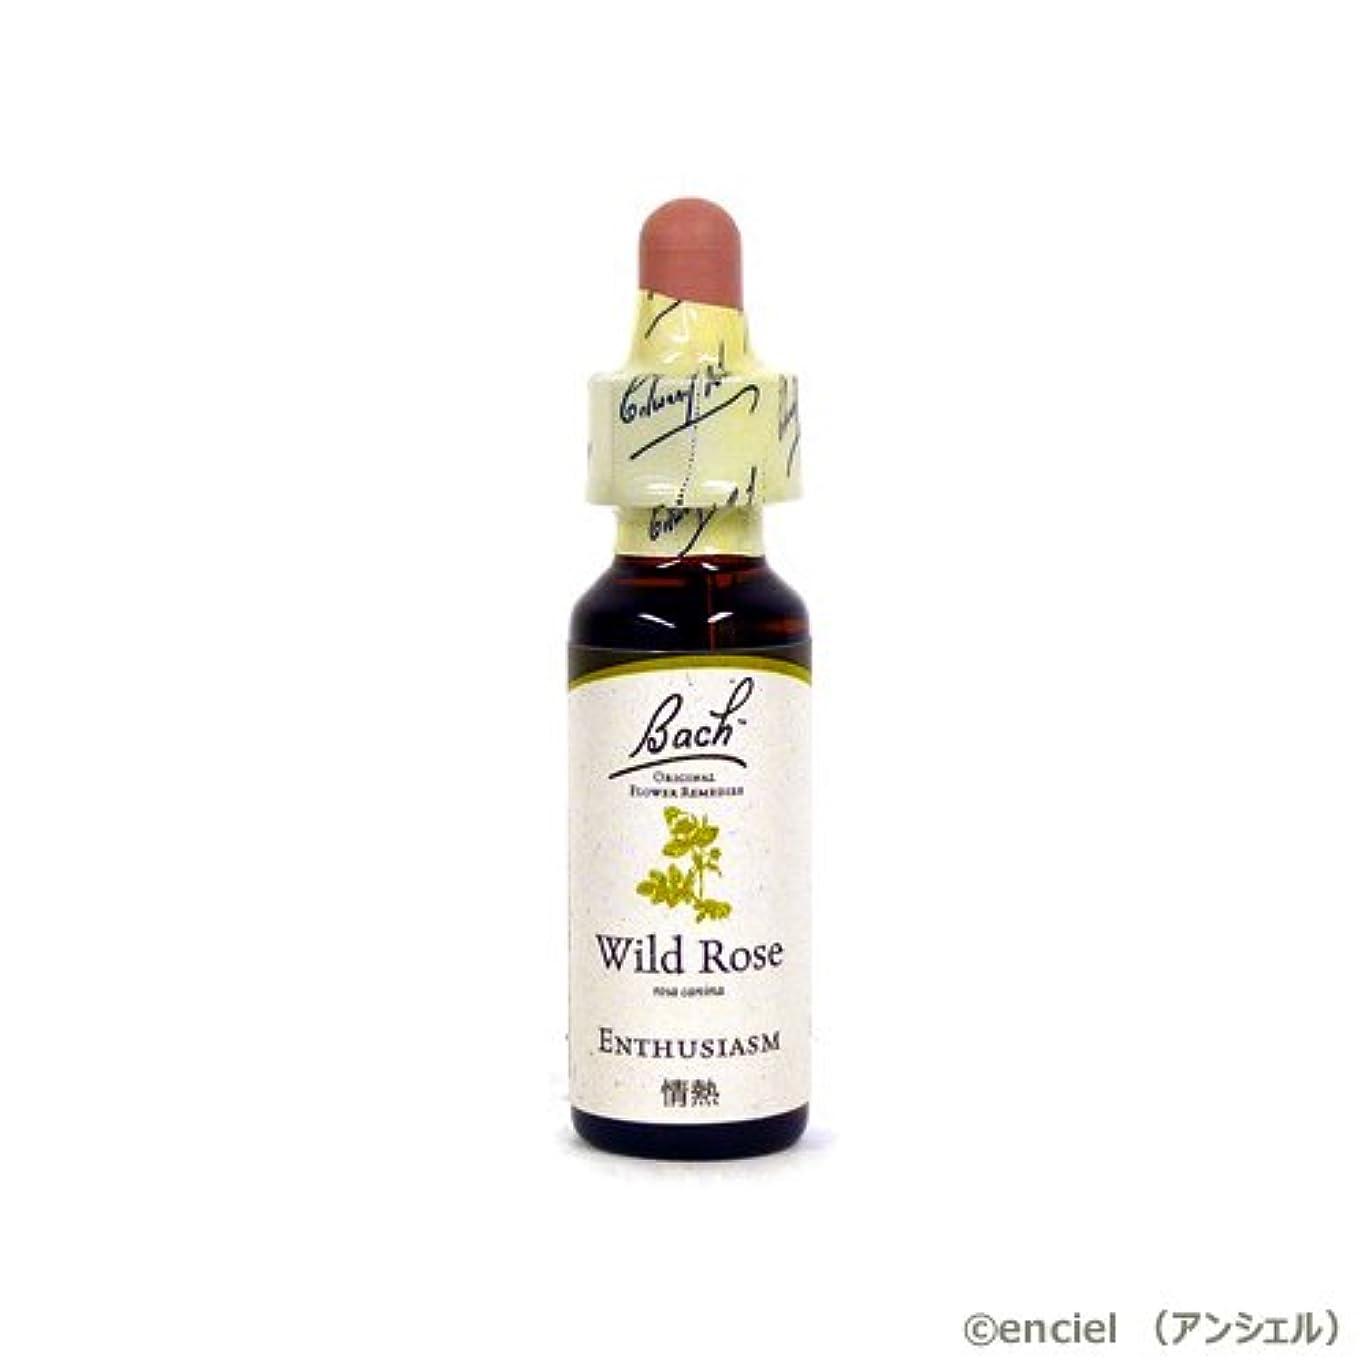 ヒロイック階段秘書バッチフラワー レメディ ワイルドローズ 10ml グリセリンタイプ 日本国内正規品